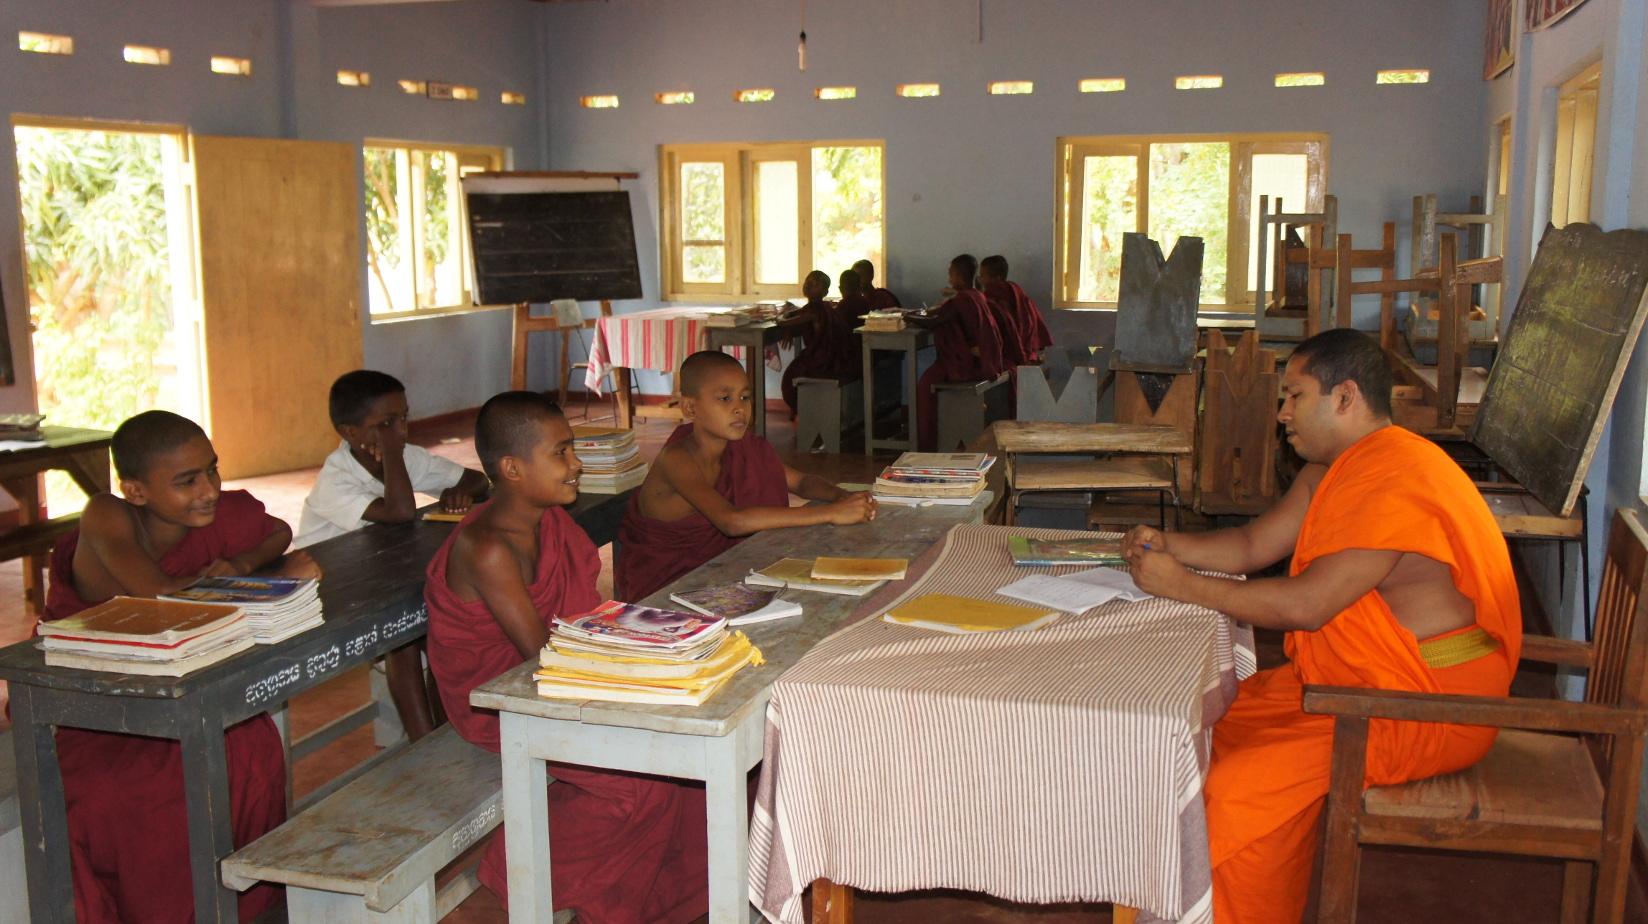 Unterricht in der Mönchsschule